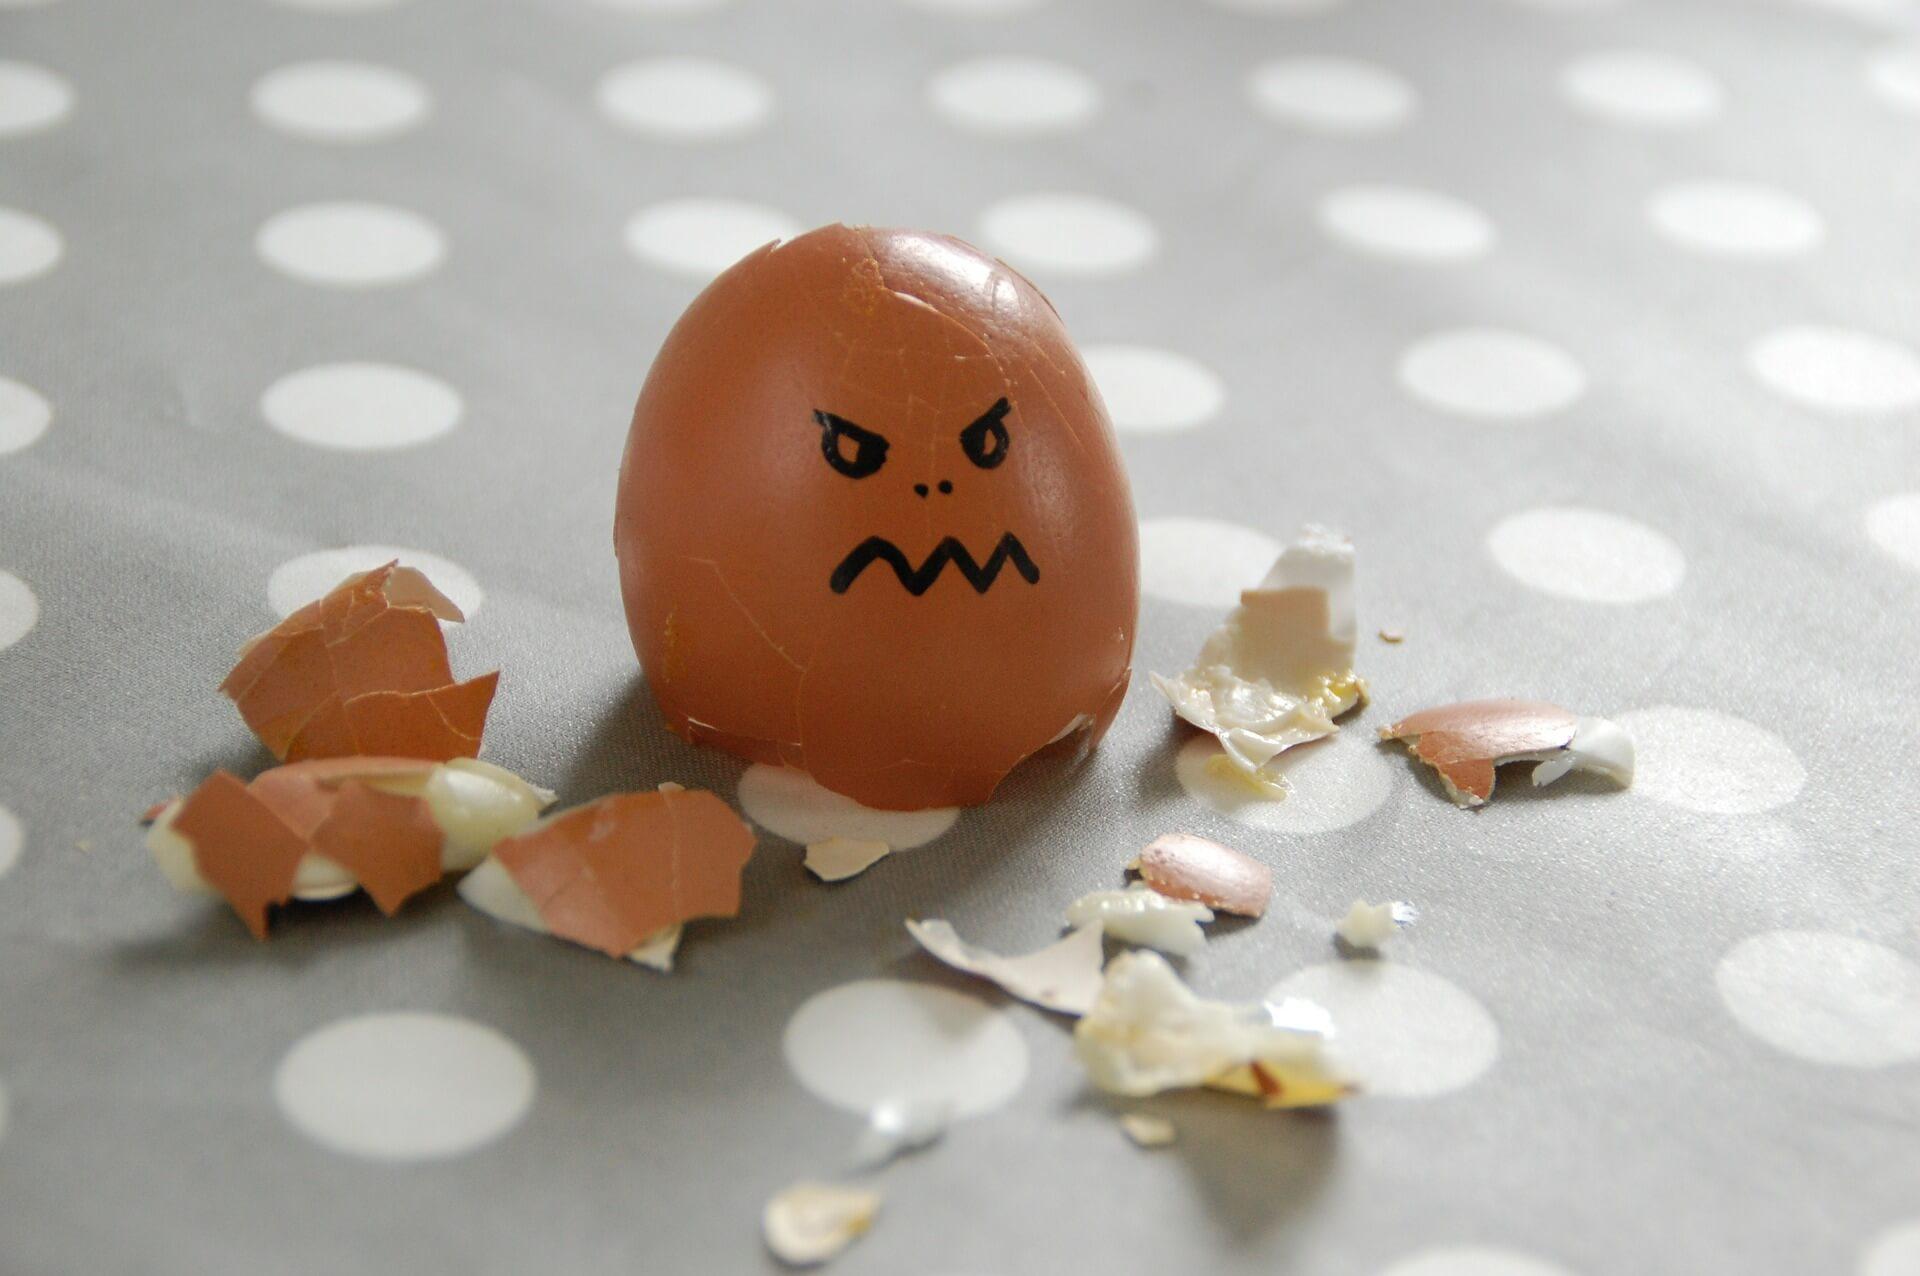 huevo roto enfado